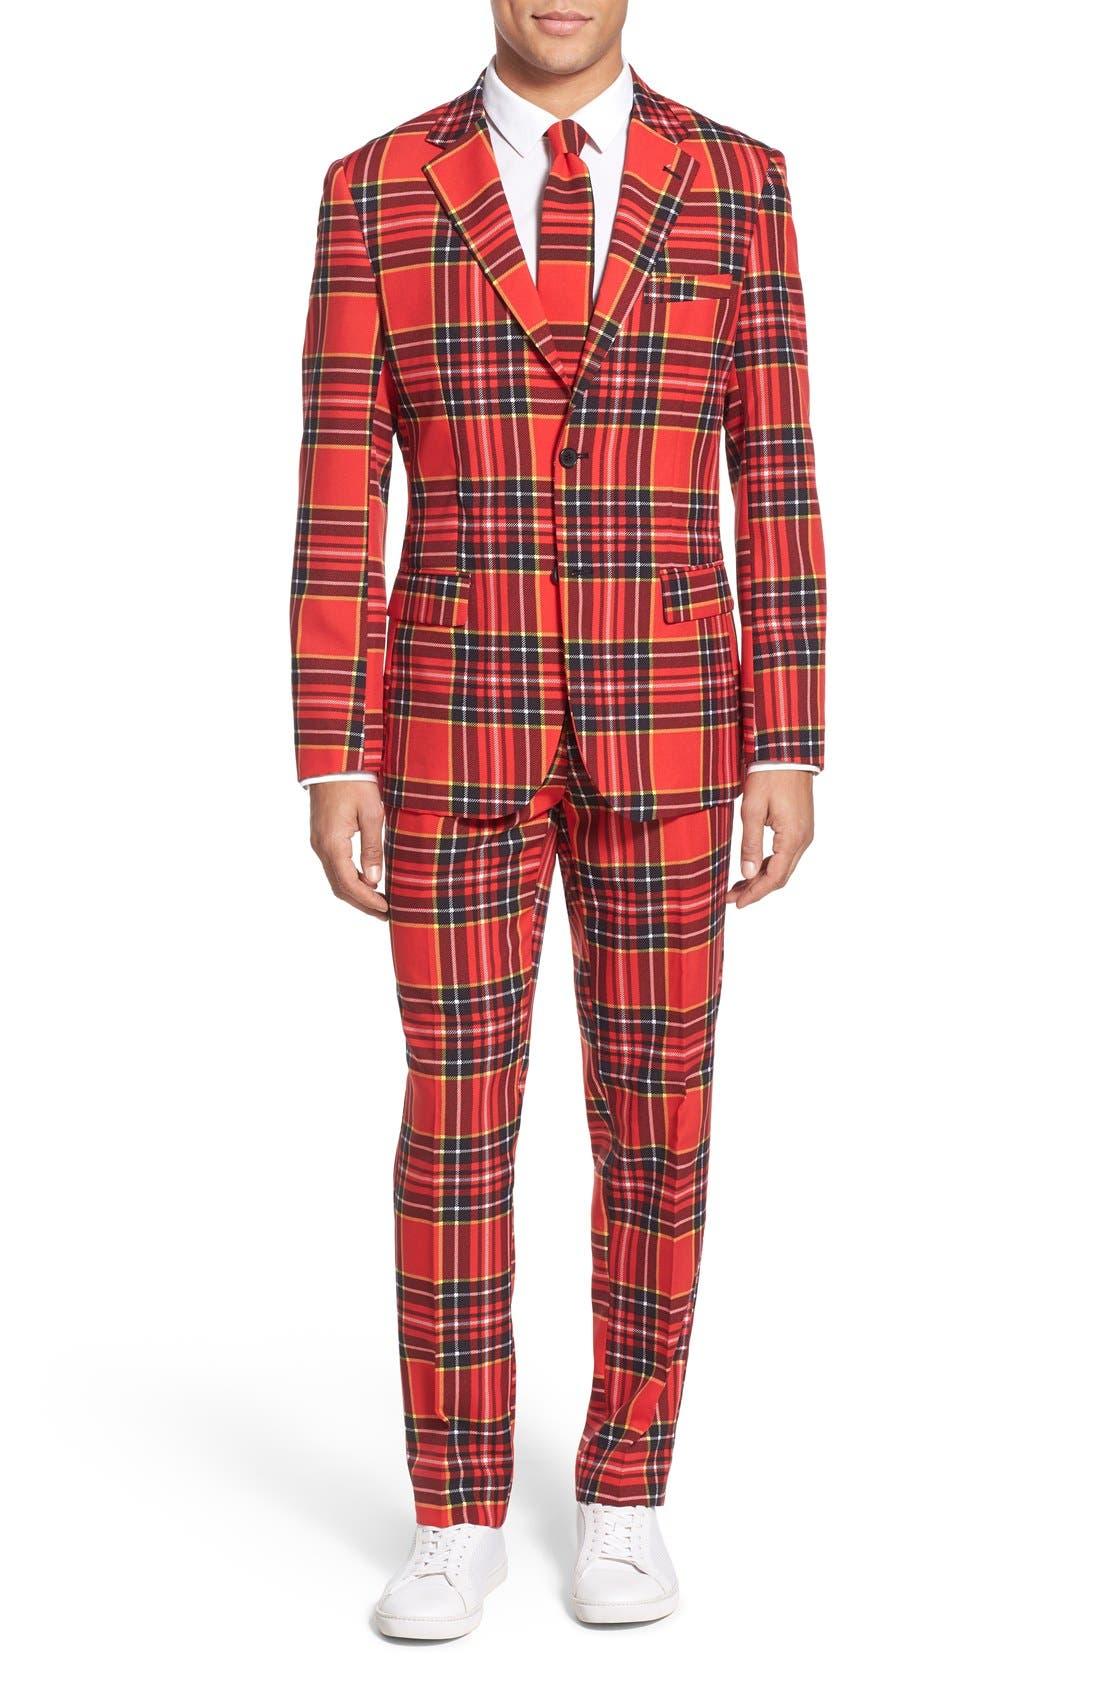 OppoSuits 'Lumberjack' Holiday Suit & Tie